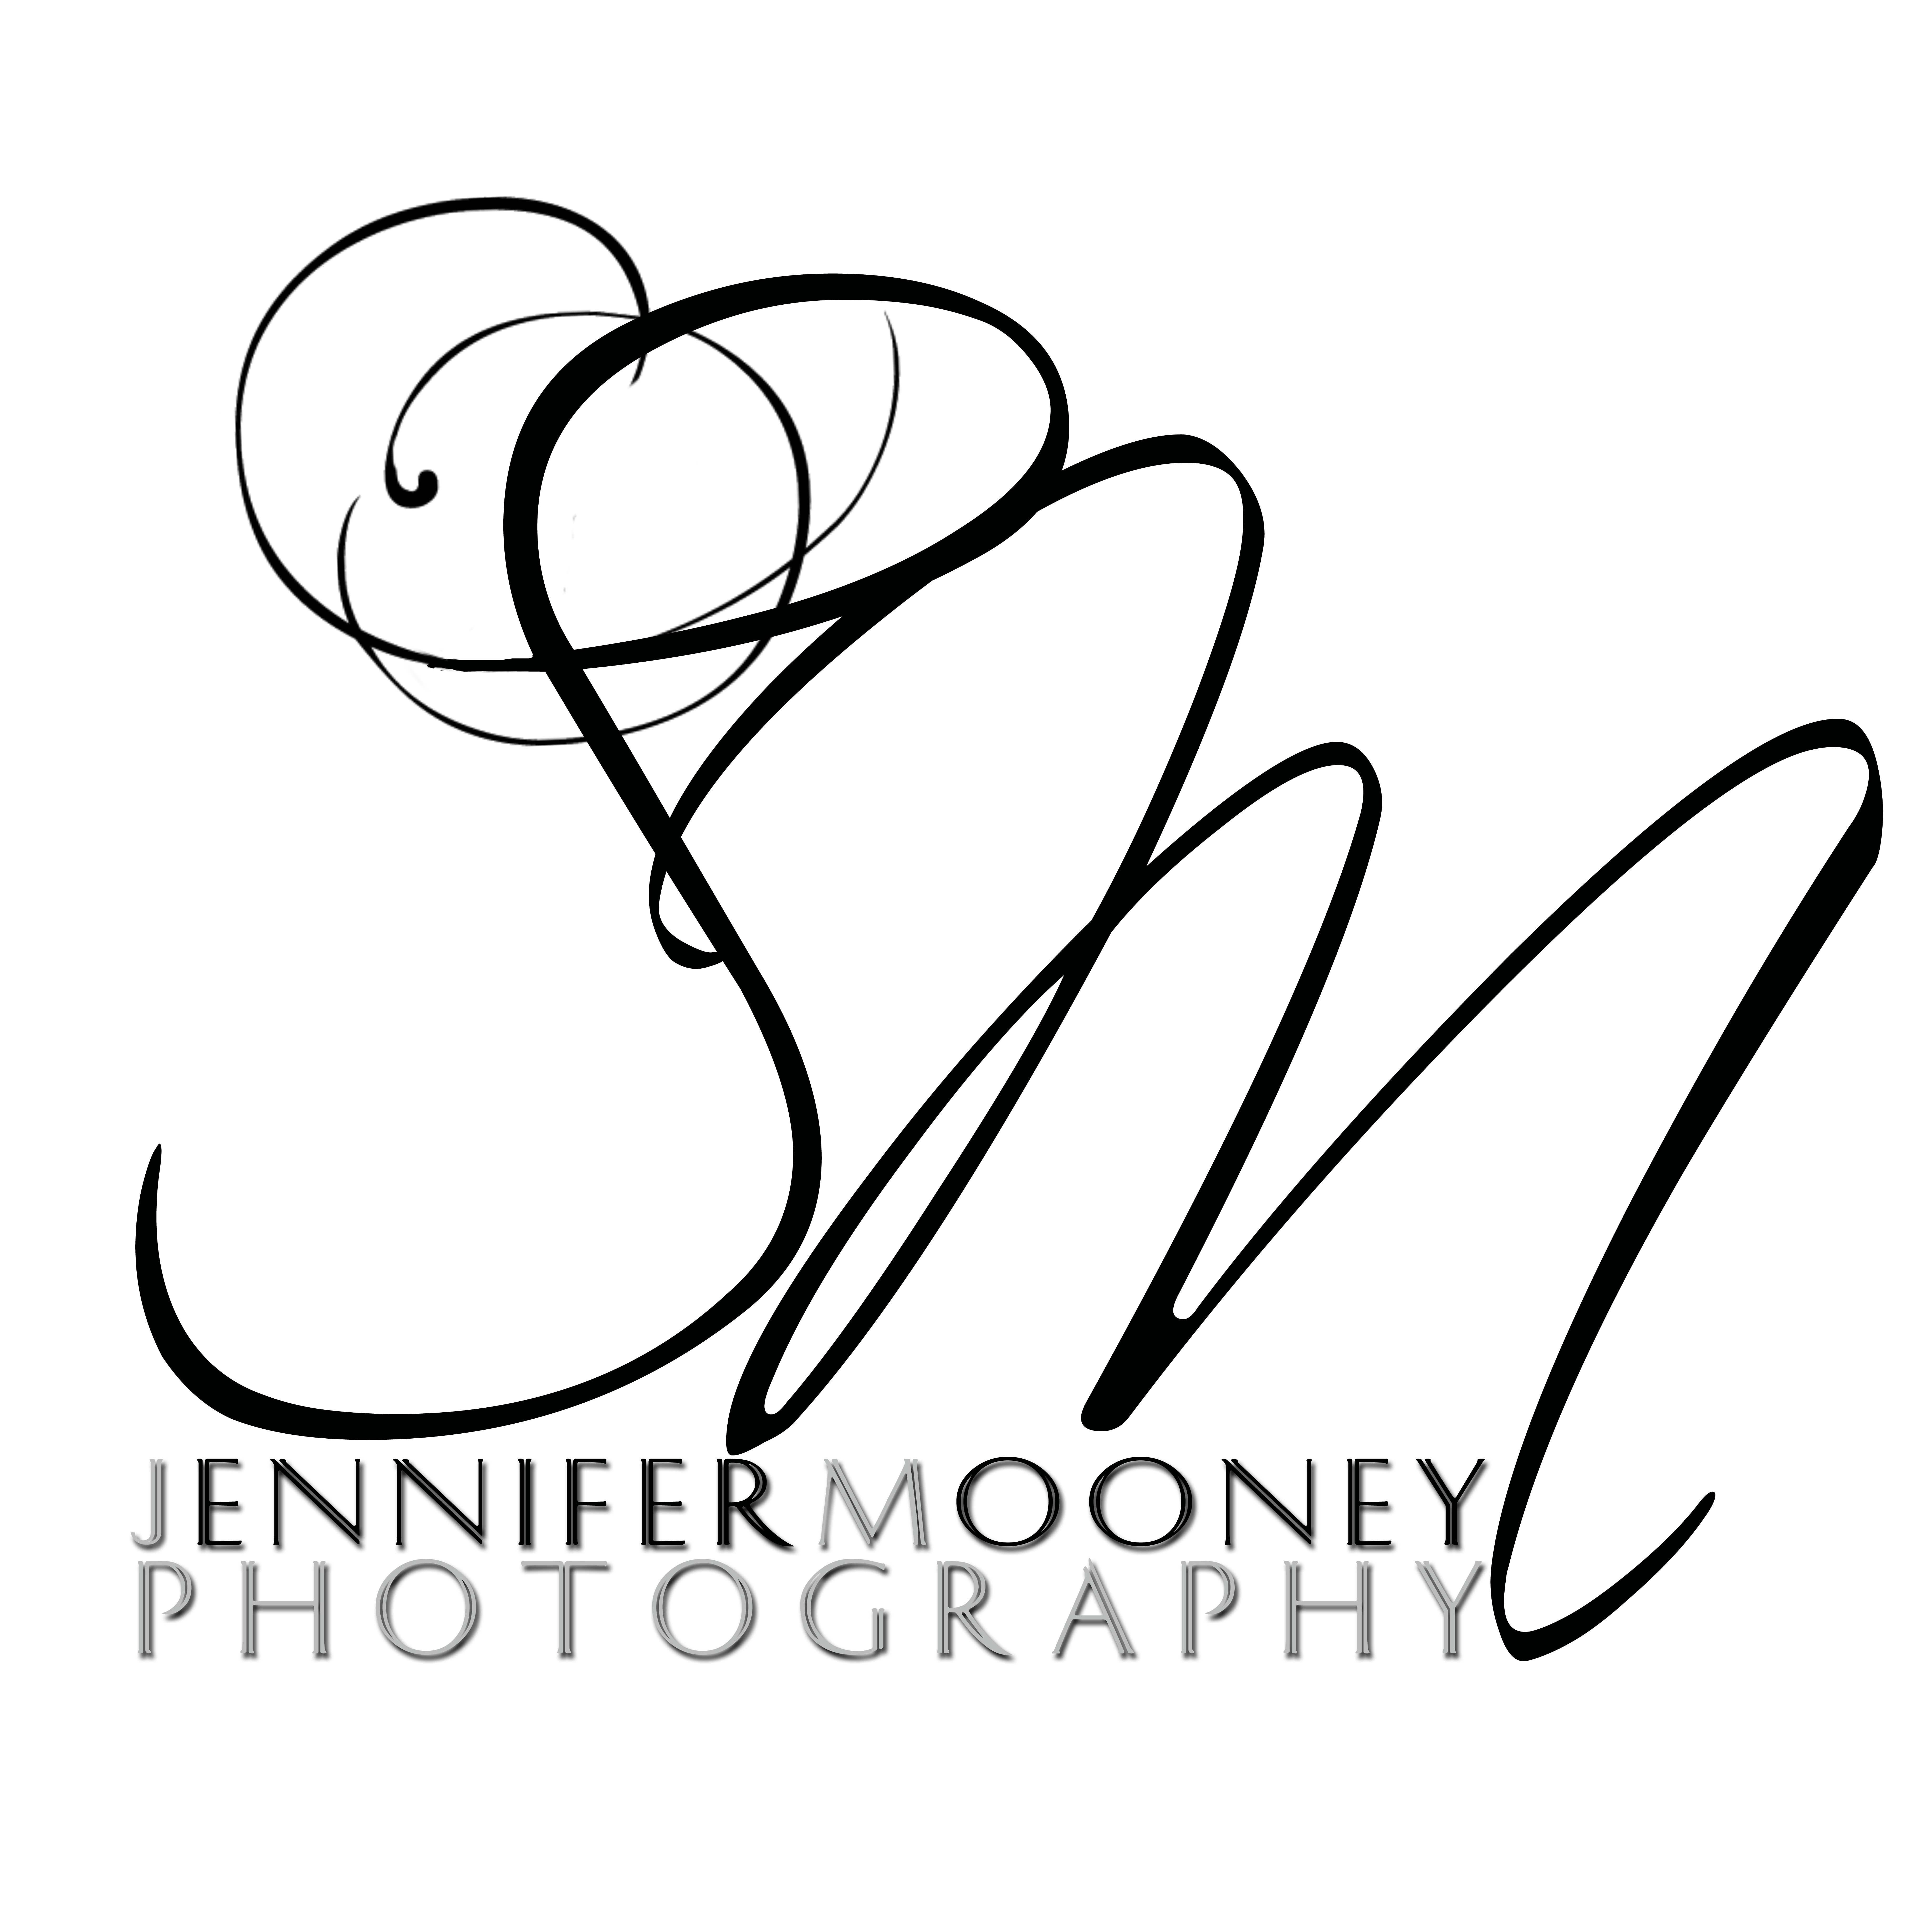 ... Wedding Photographer : New Logo Design : Jennifer Mooney Photography